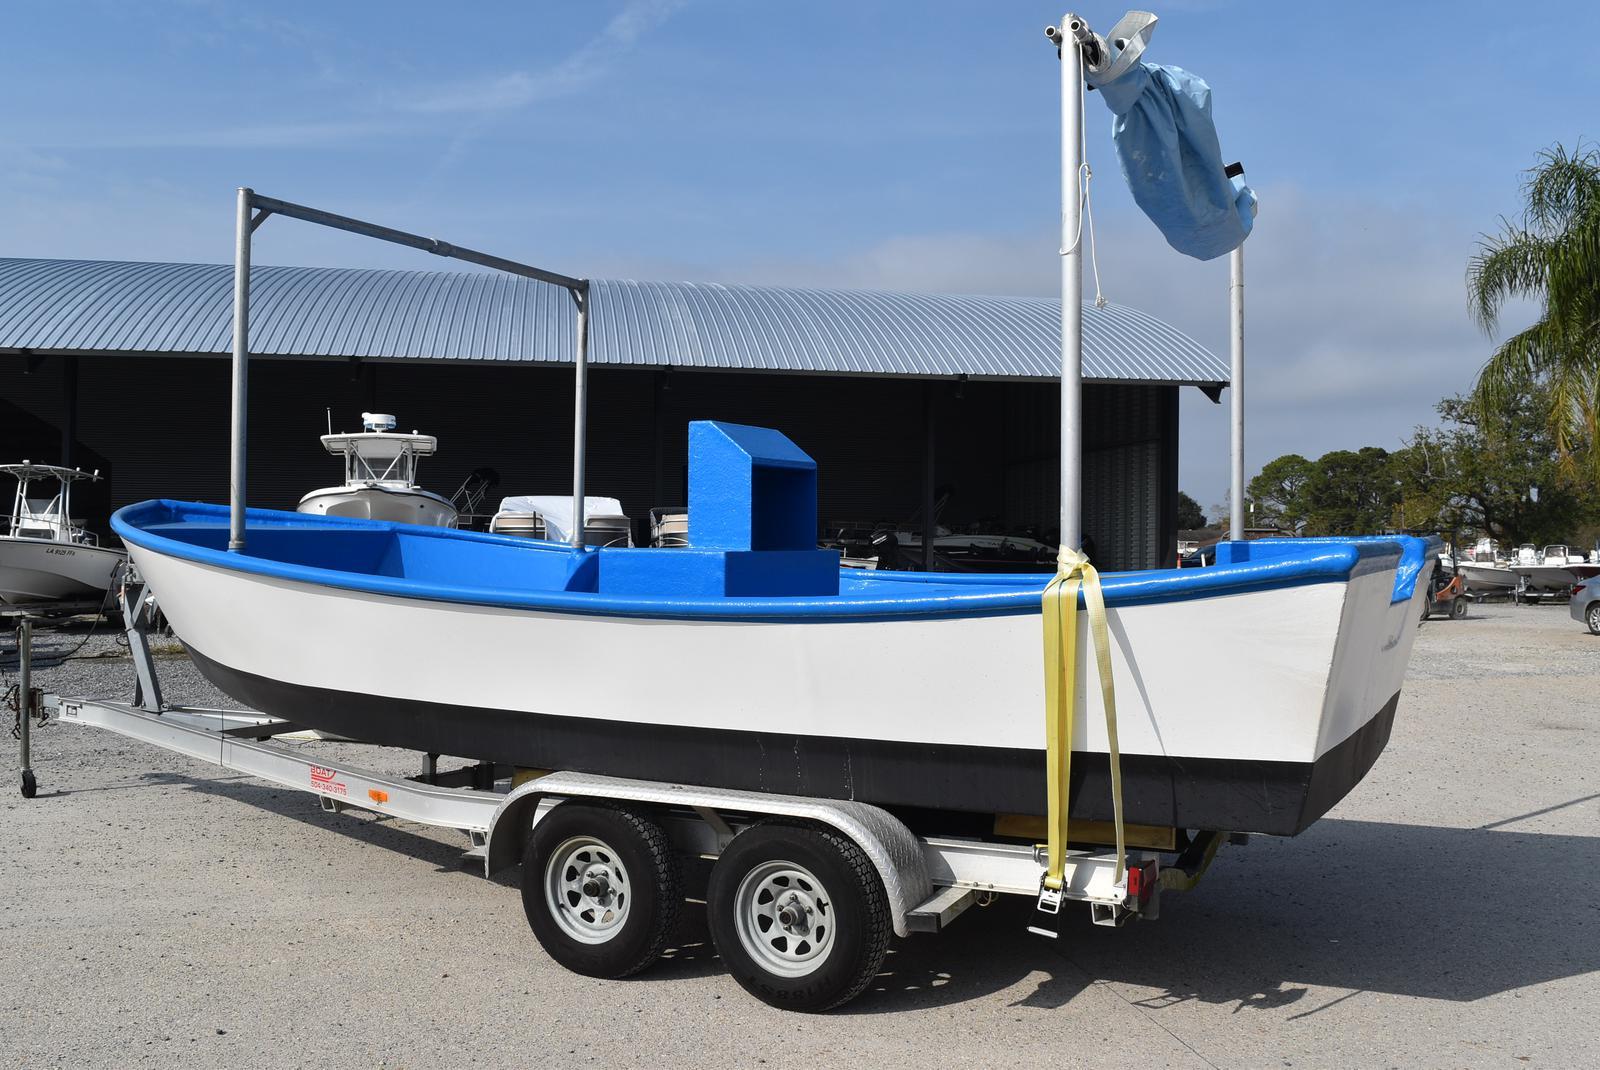 1998 Terrebonne boat for sale, model of the boat is Terrebonne Skiff 22 & Image # 6 of 14